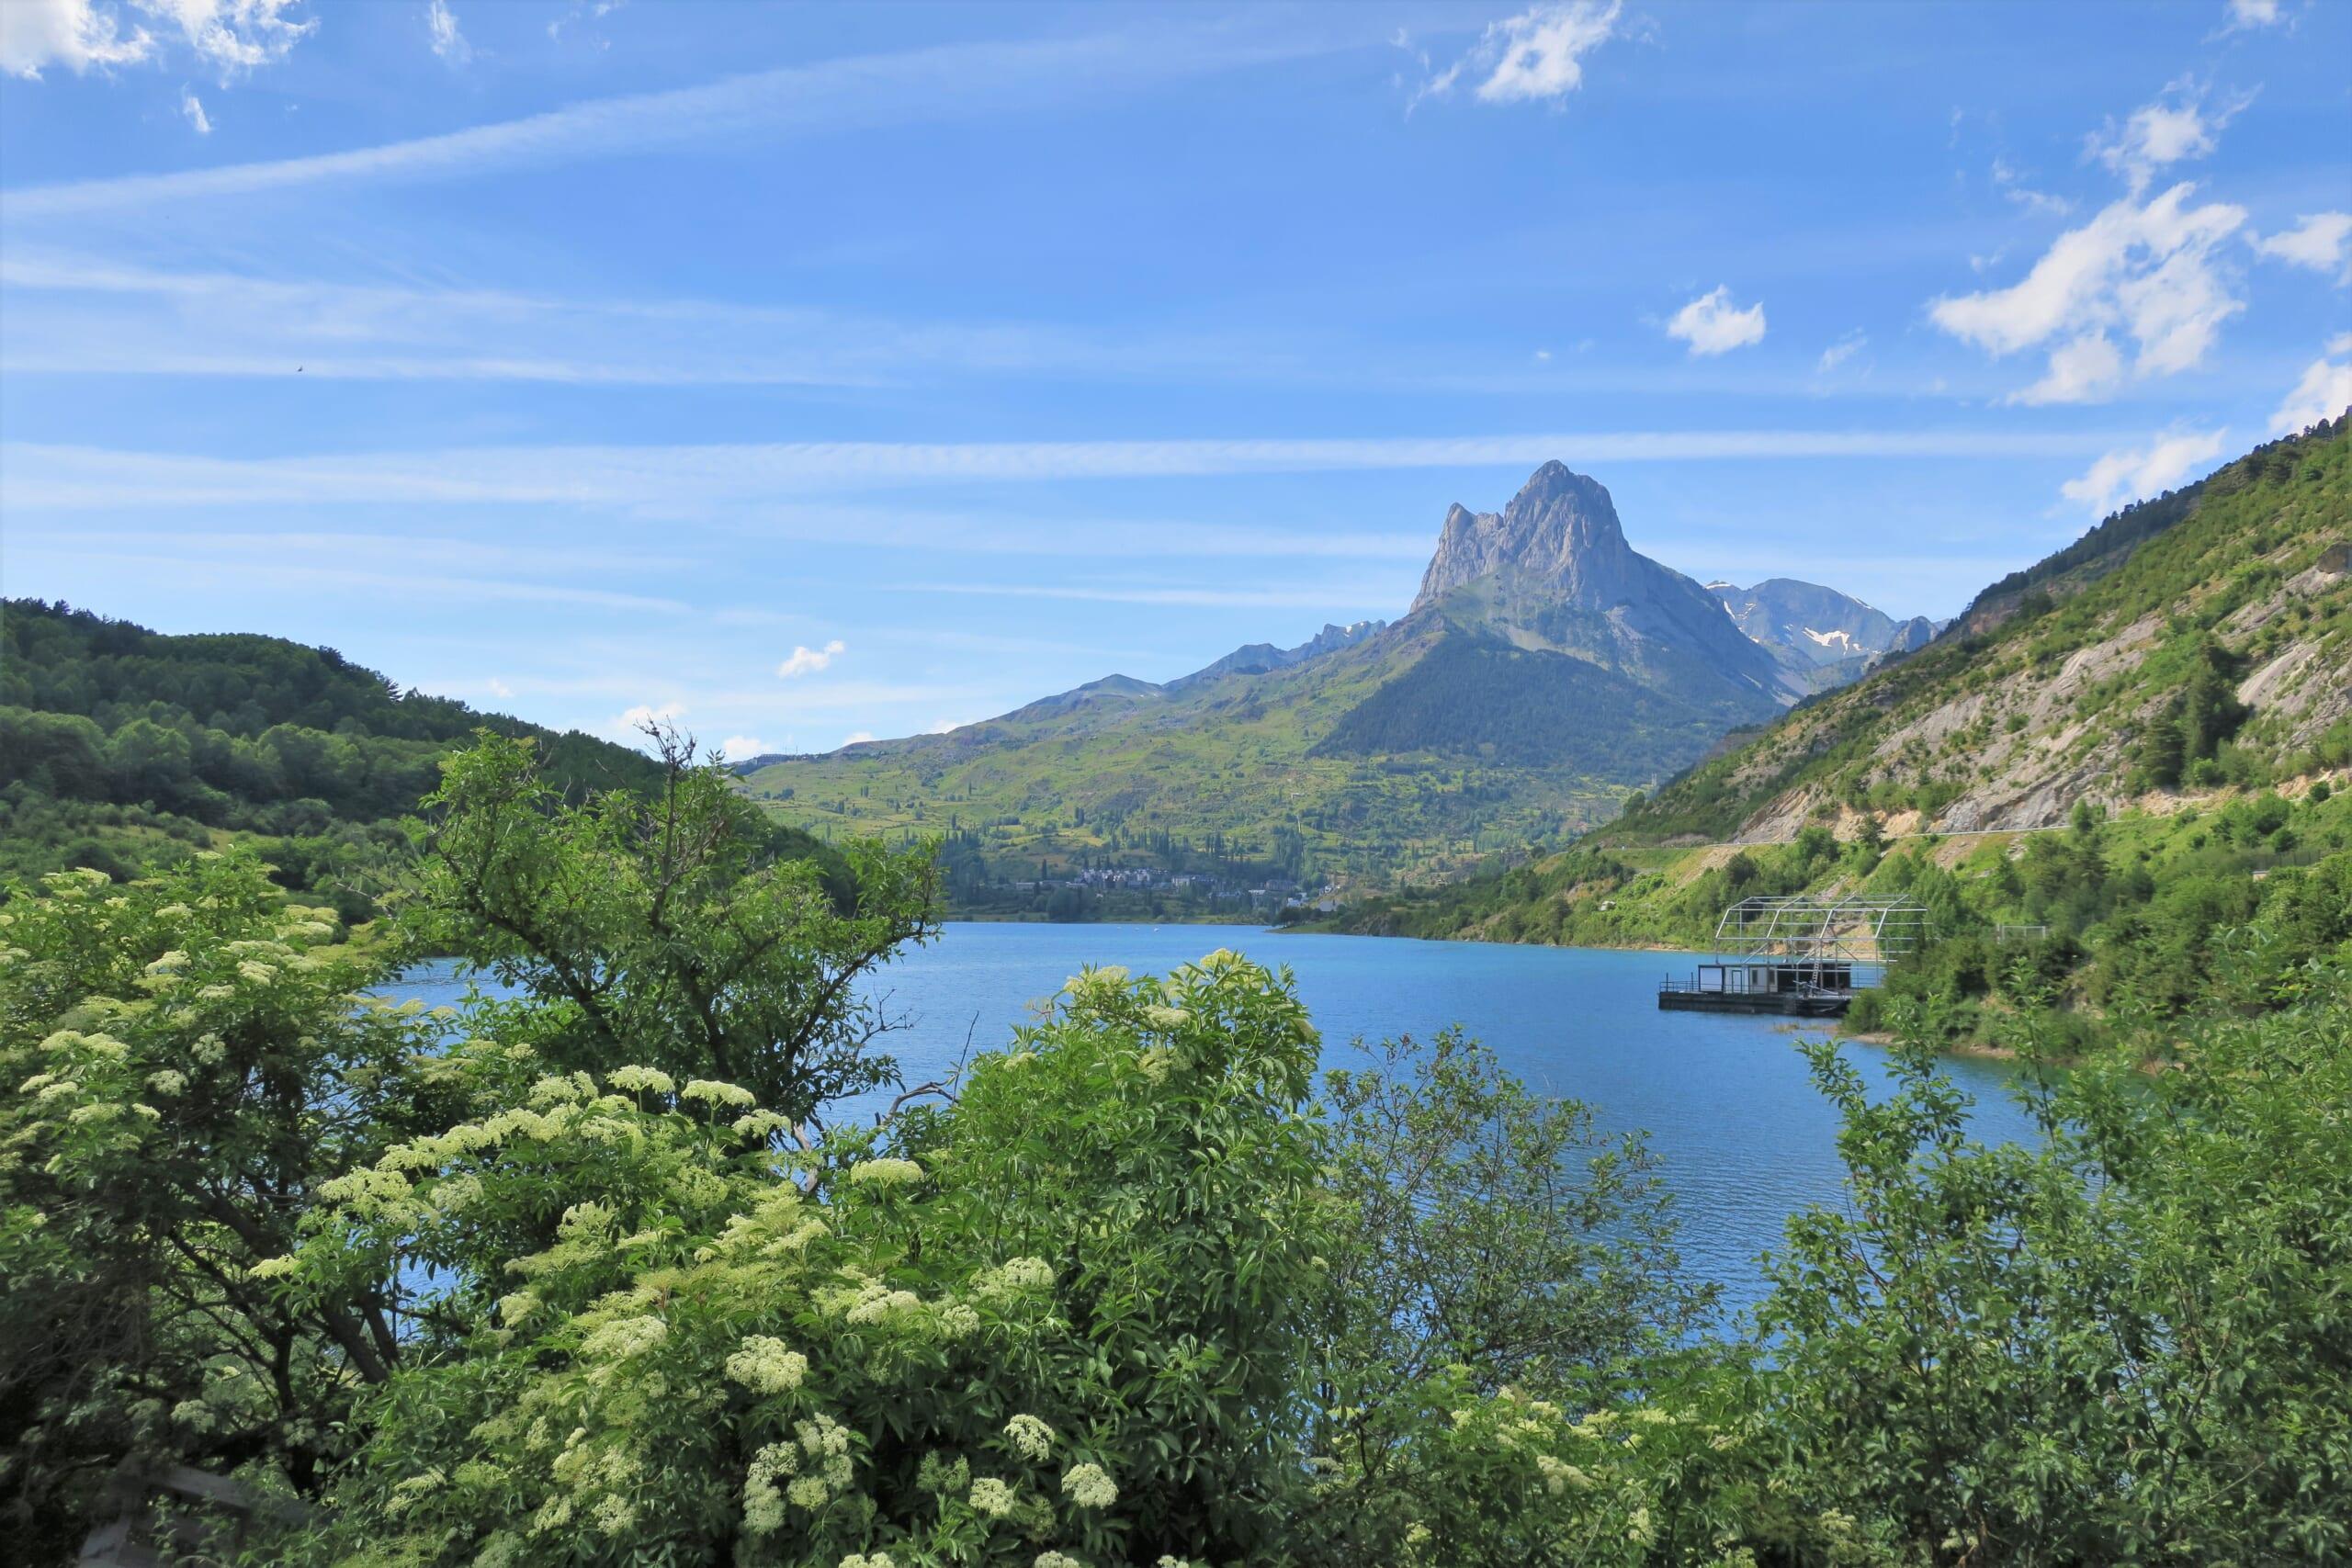 北スペインの観光スポットであるピレネー山脈のテナ渓谷